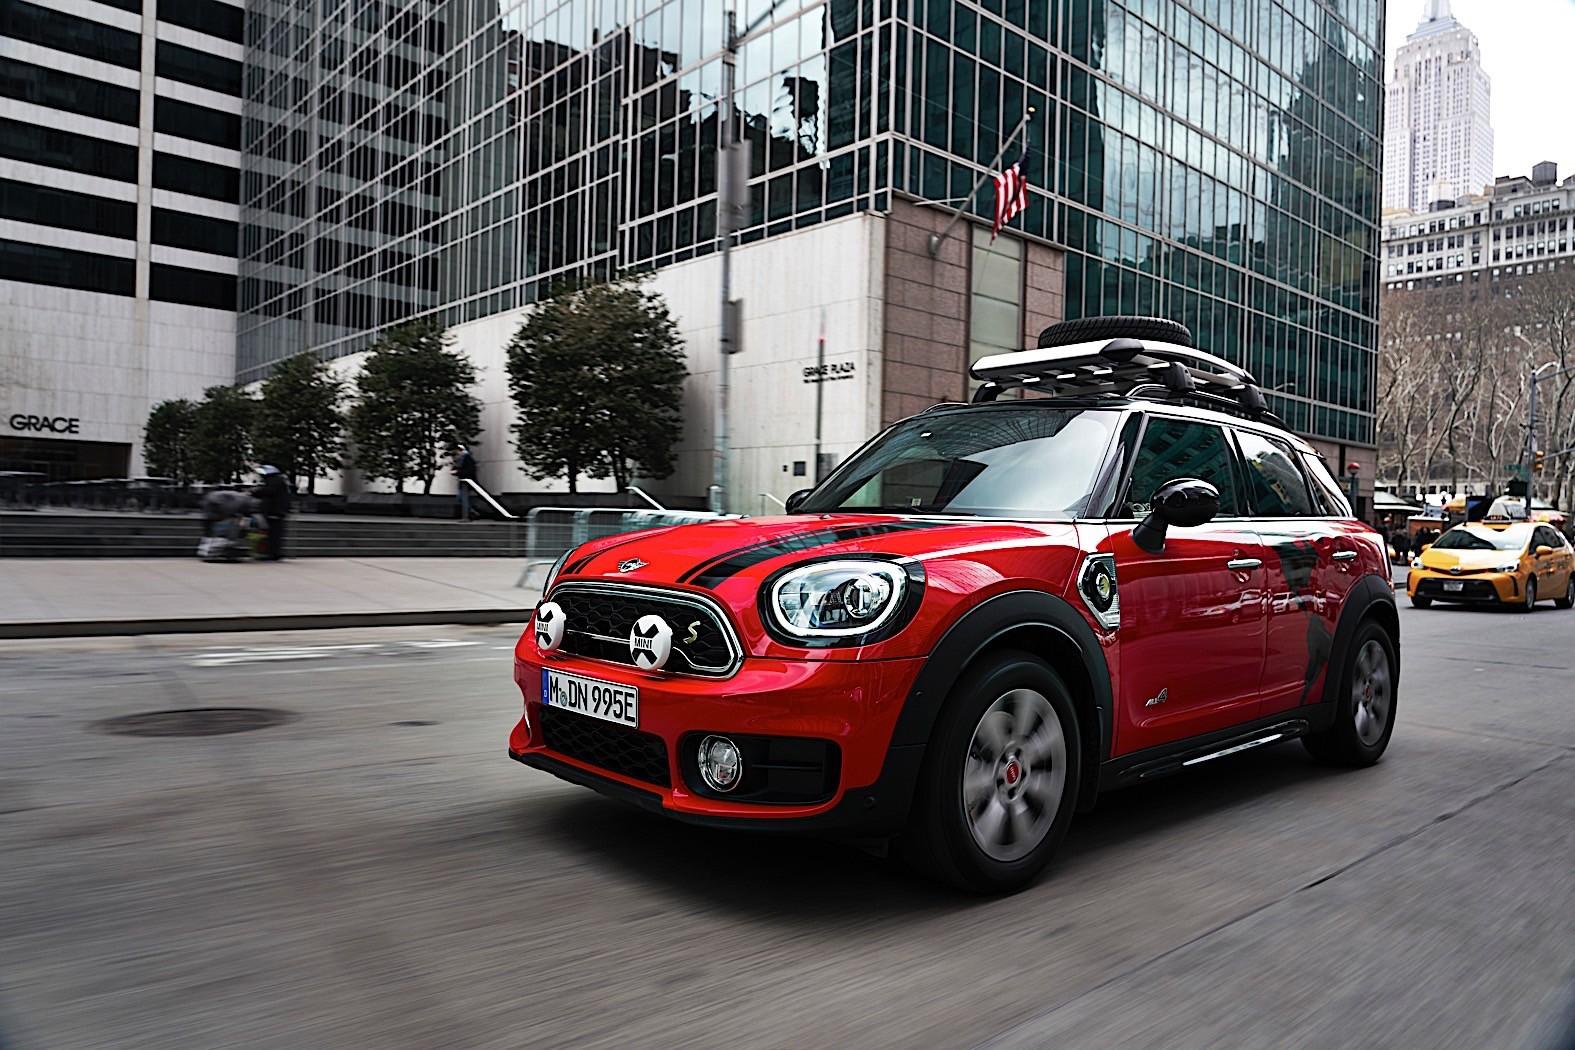 Mini mini cooper crossover : Jeep Plans Crossover to Challenge the Mini Countryman - autoevolution